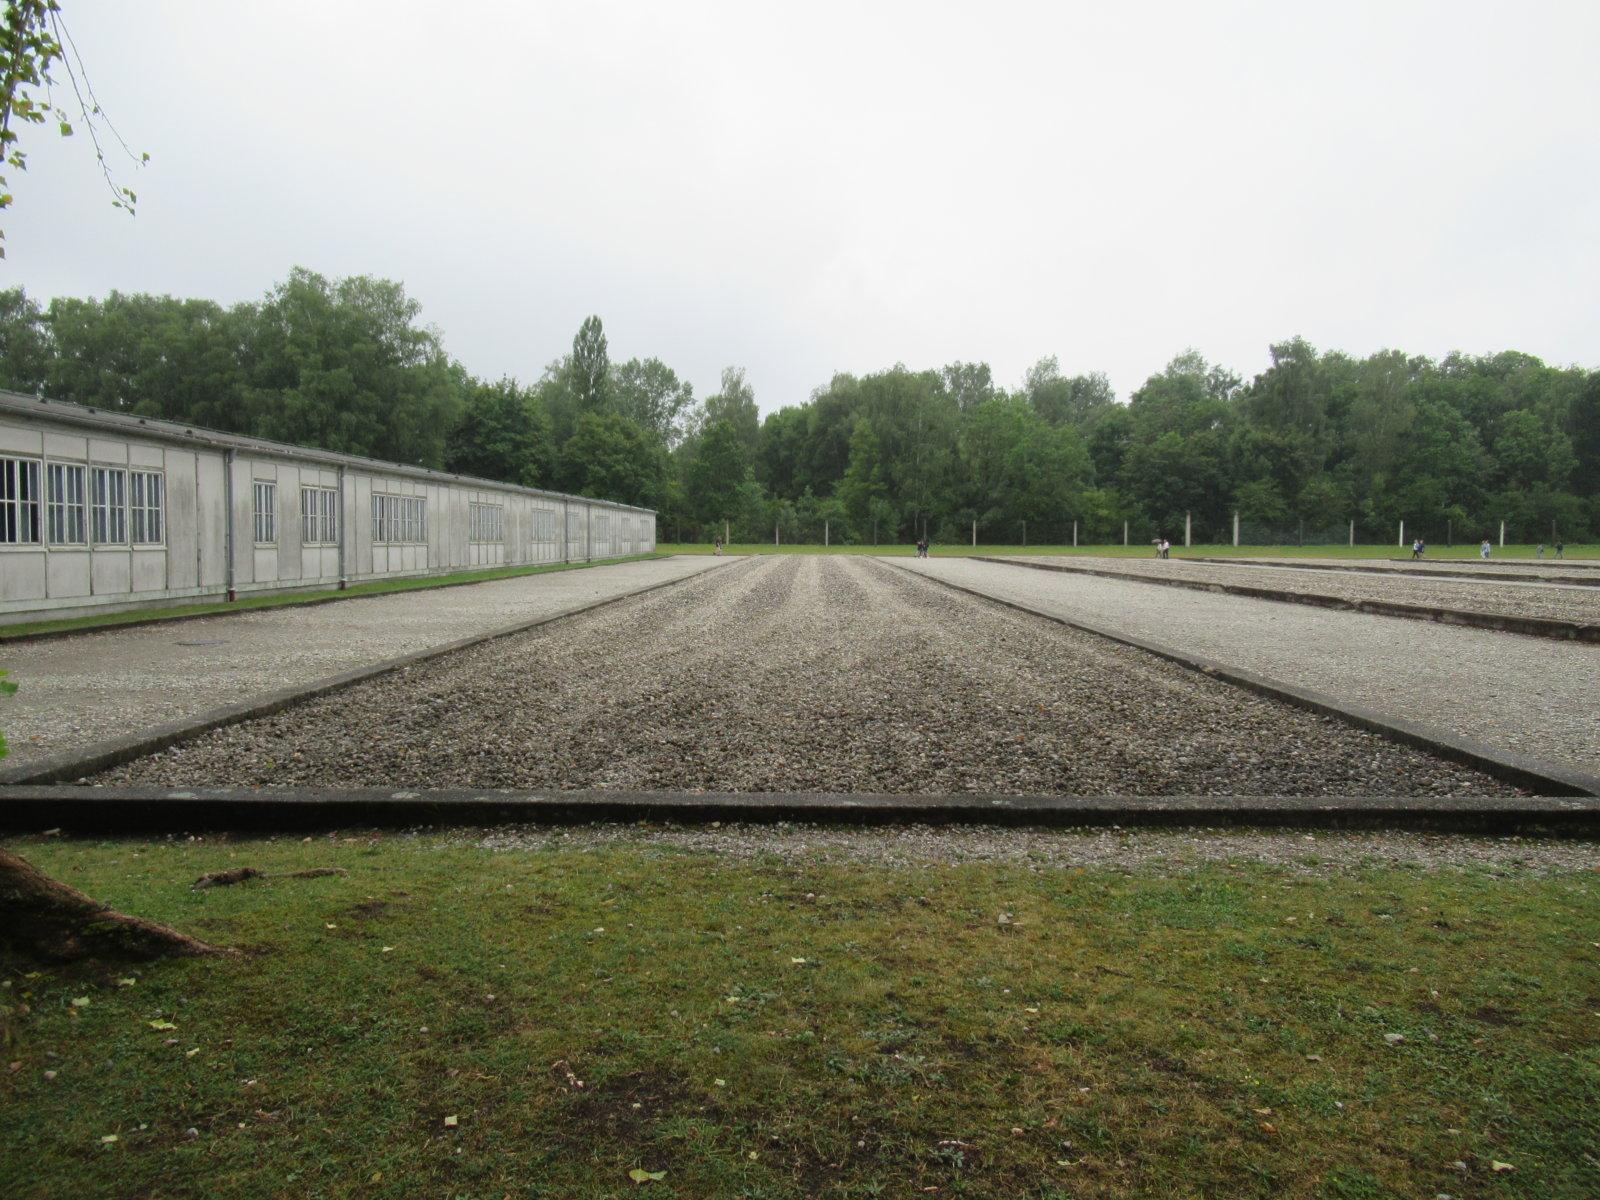 07-29 Dachu Grounds 1